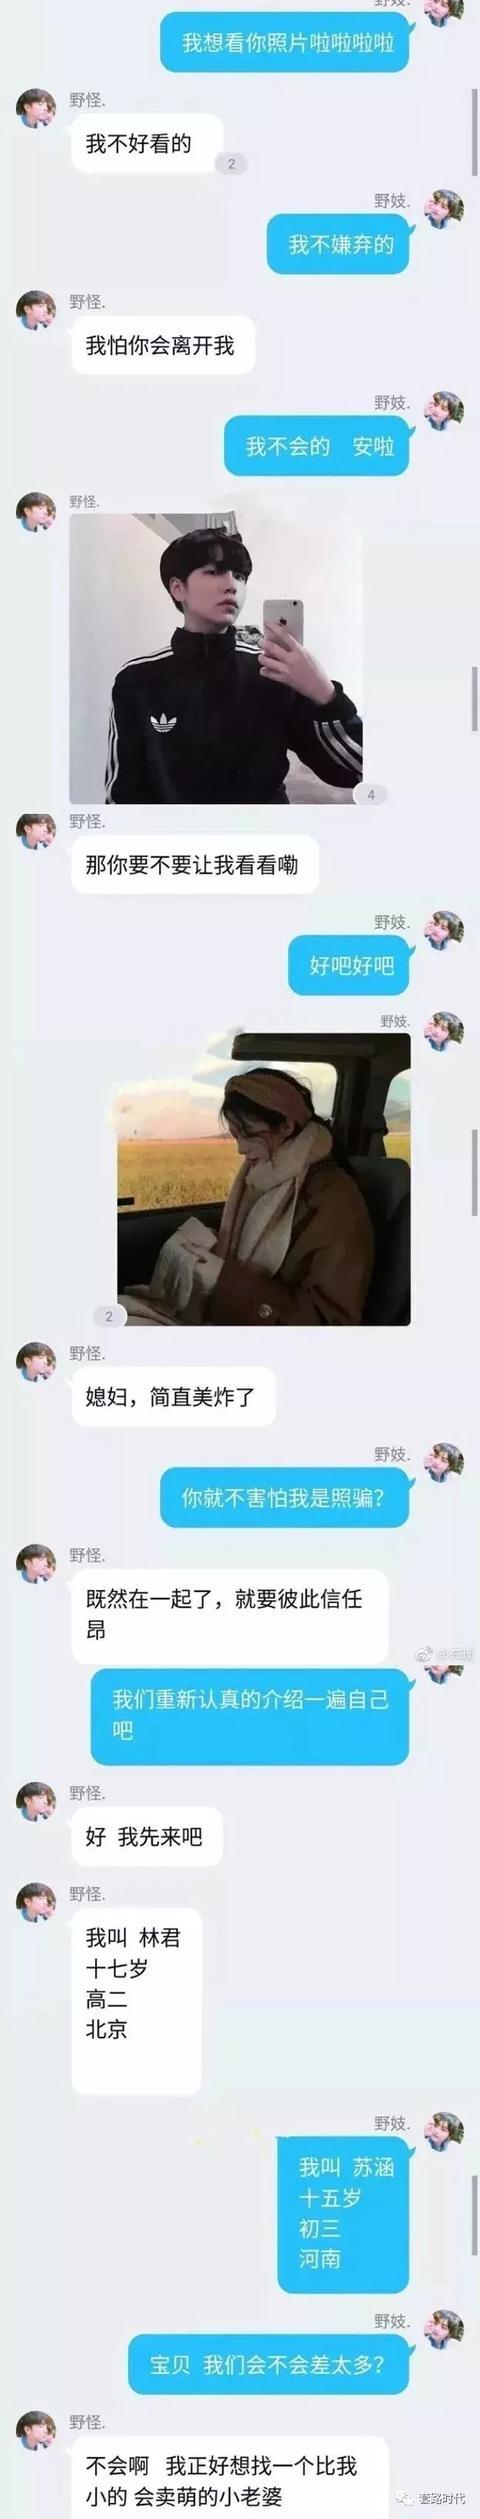 沙雕网络爱情:这辈子我都不想跟广东人谈恋爱了?